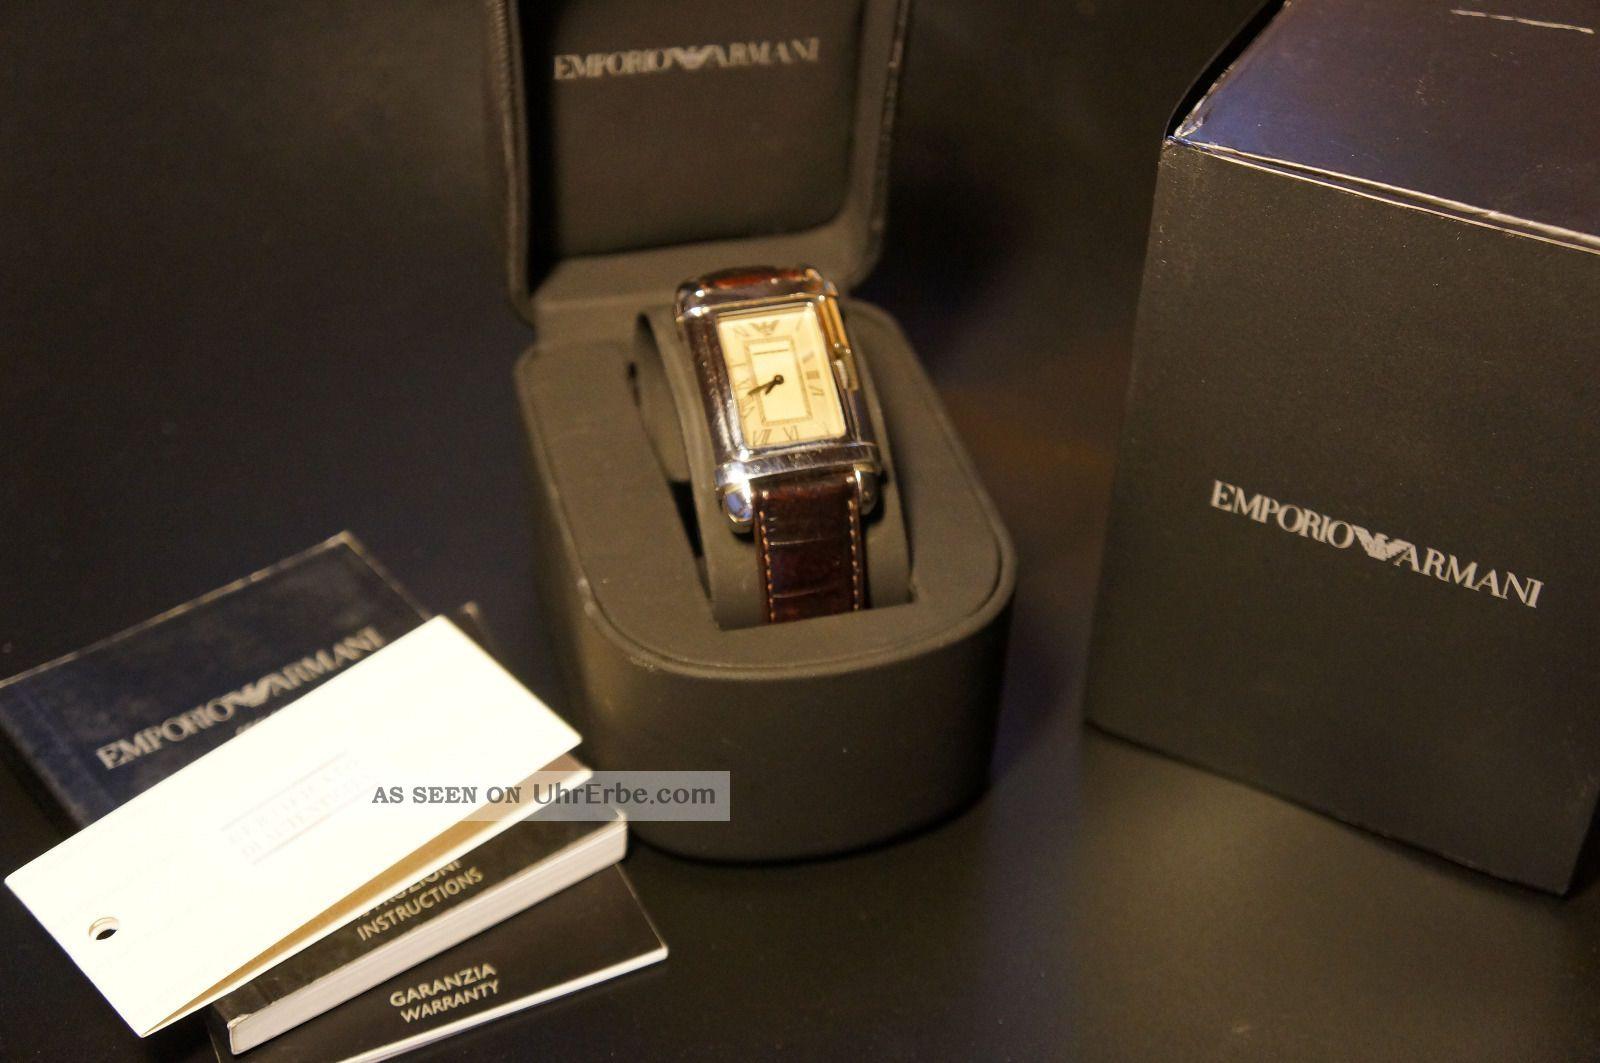 Emporio Armani Herren Armbanduhr (ovp) Armbanduhren Bild